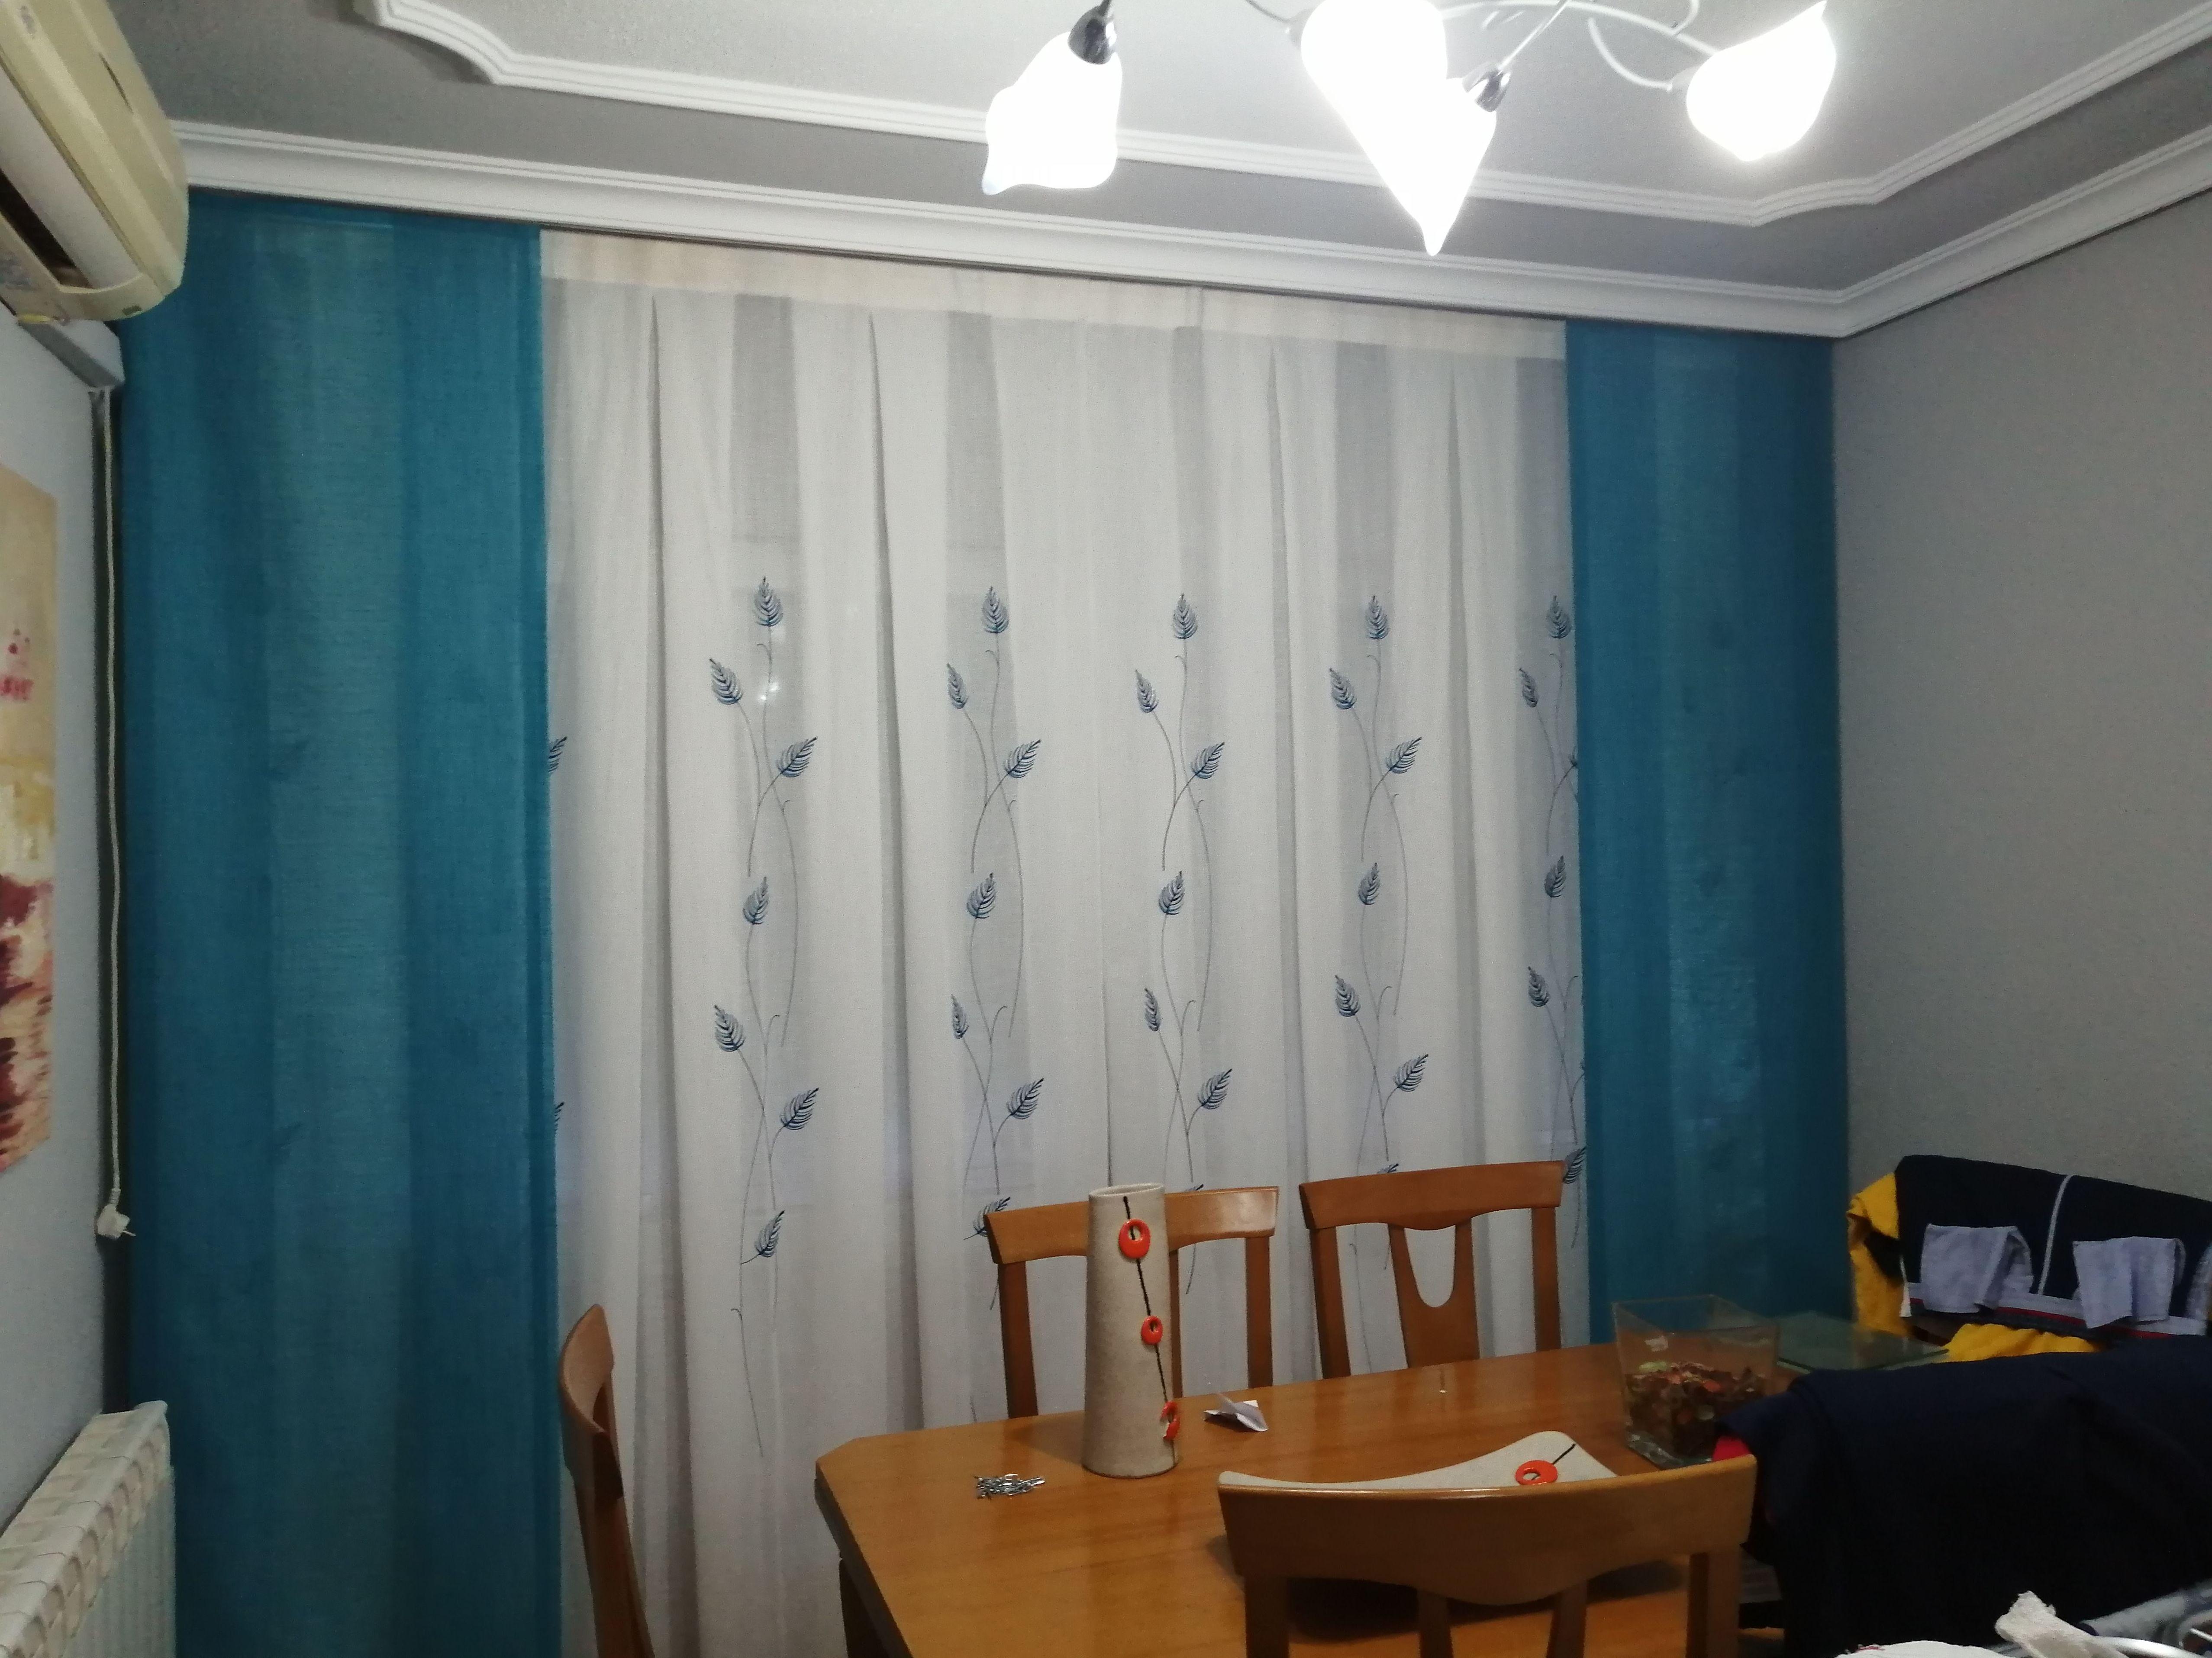 Foto 8 de Venta e instalación de cortinas en  | Feymar